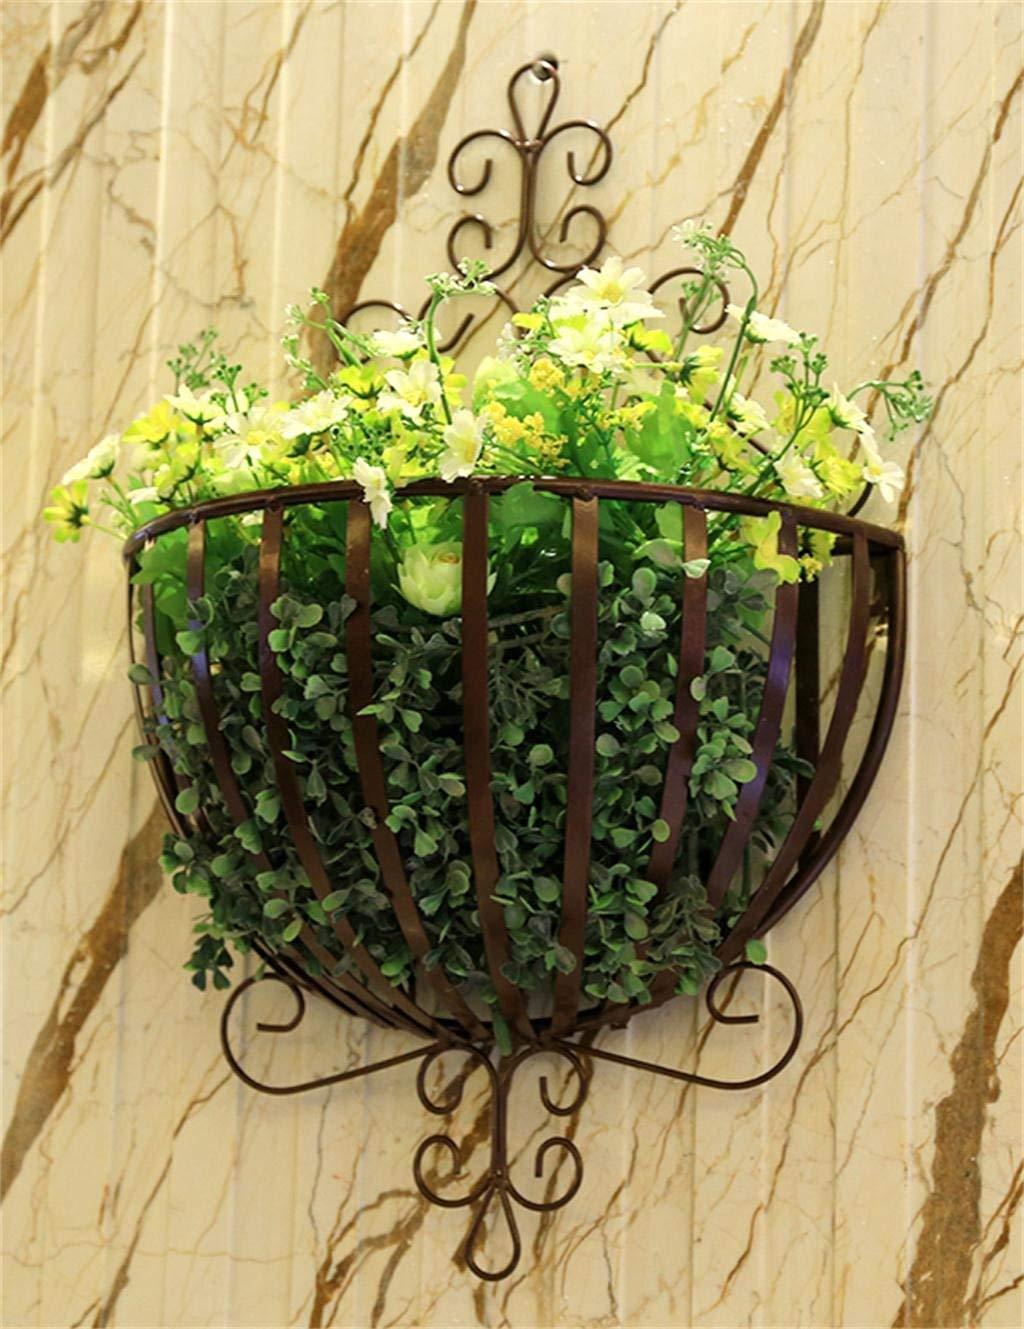 ガーデンフラワーポットラックホームフラワースタンド耐久性のある植物ラック リビングルームのバルコニーL * H / 34 * 53 cm、白に適した金属製のフラワースタンド (色 : Black) B07PCRTDBH Black